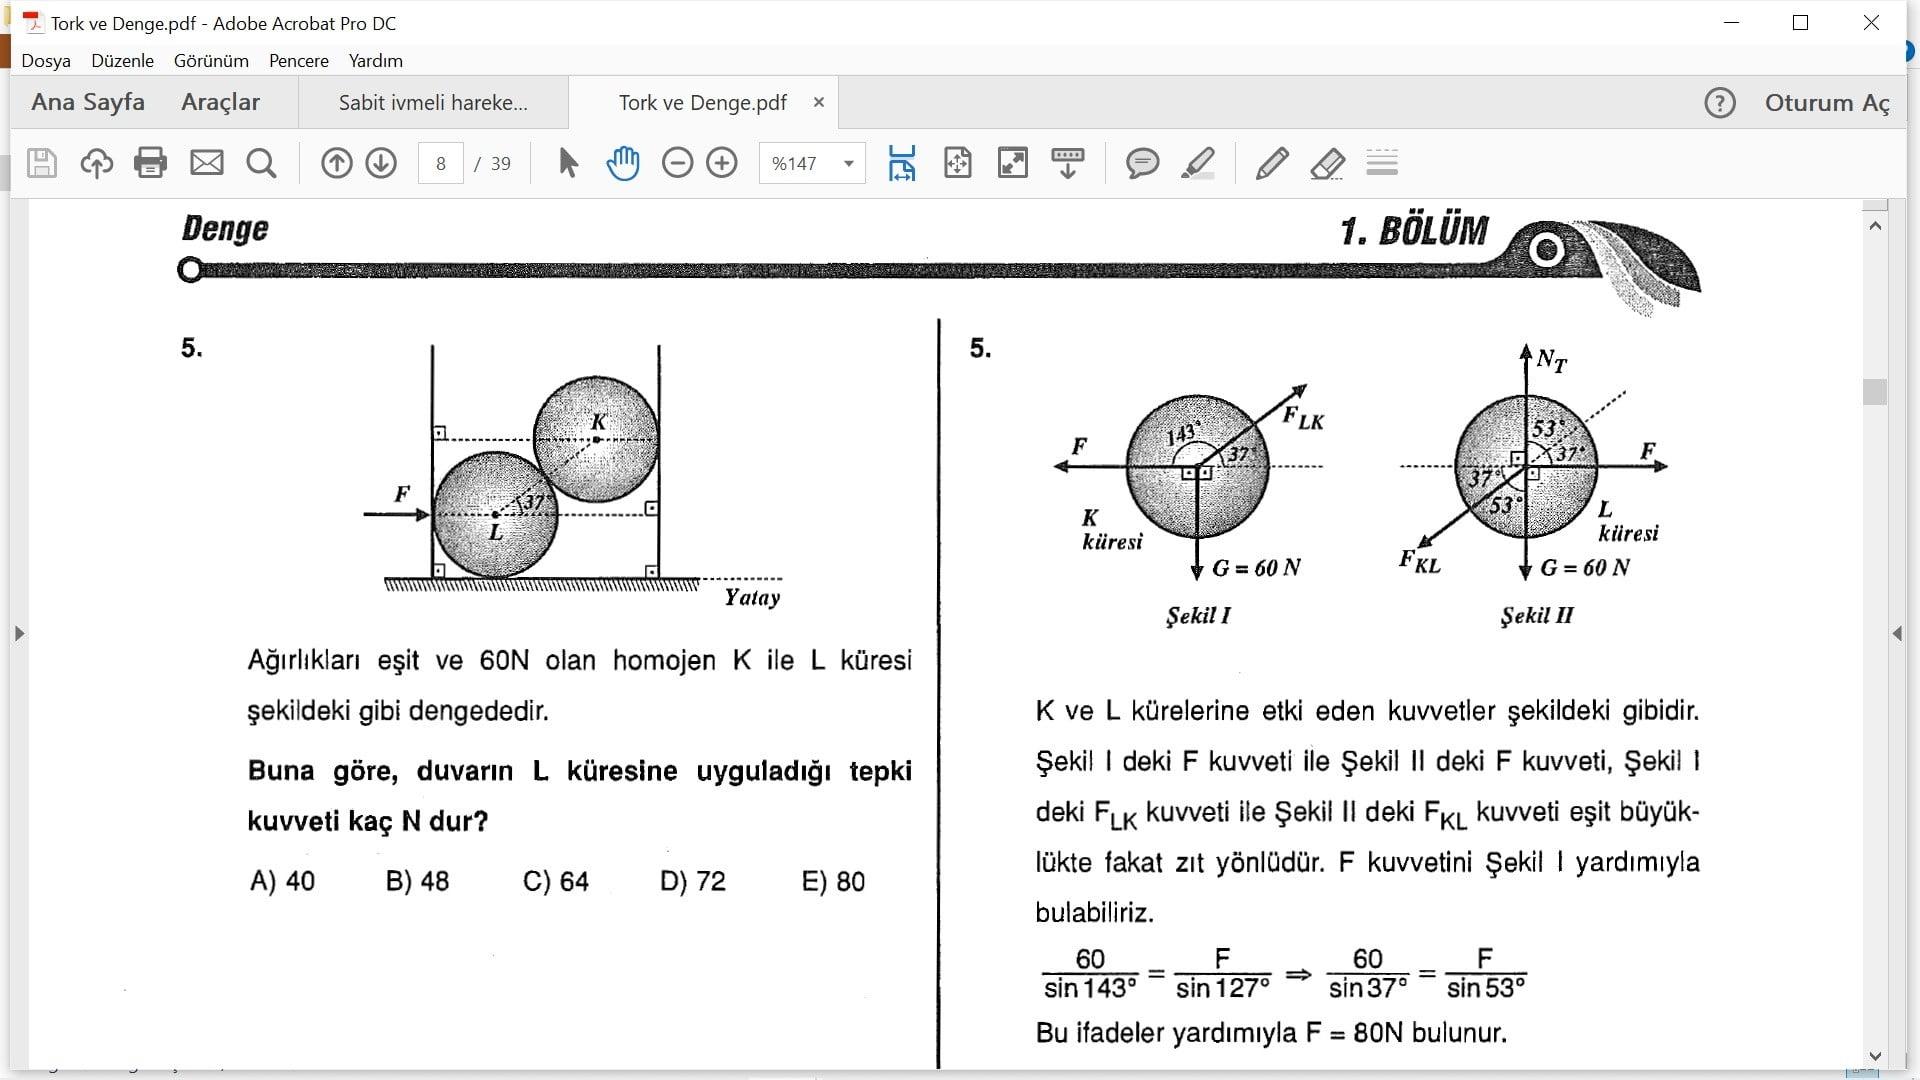 tork ve denge cozumlu sorular pdf